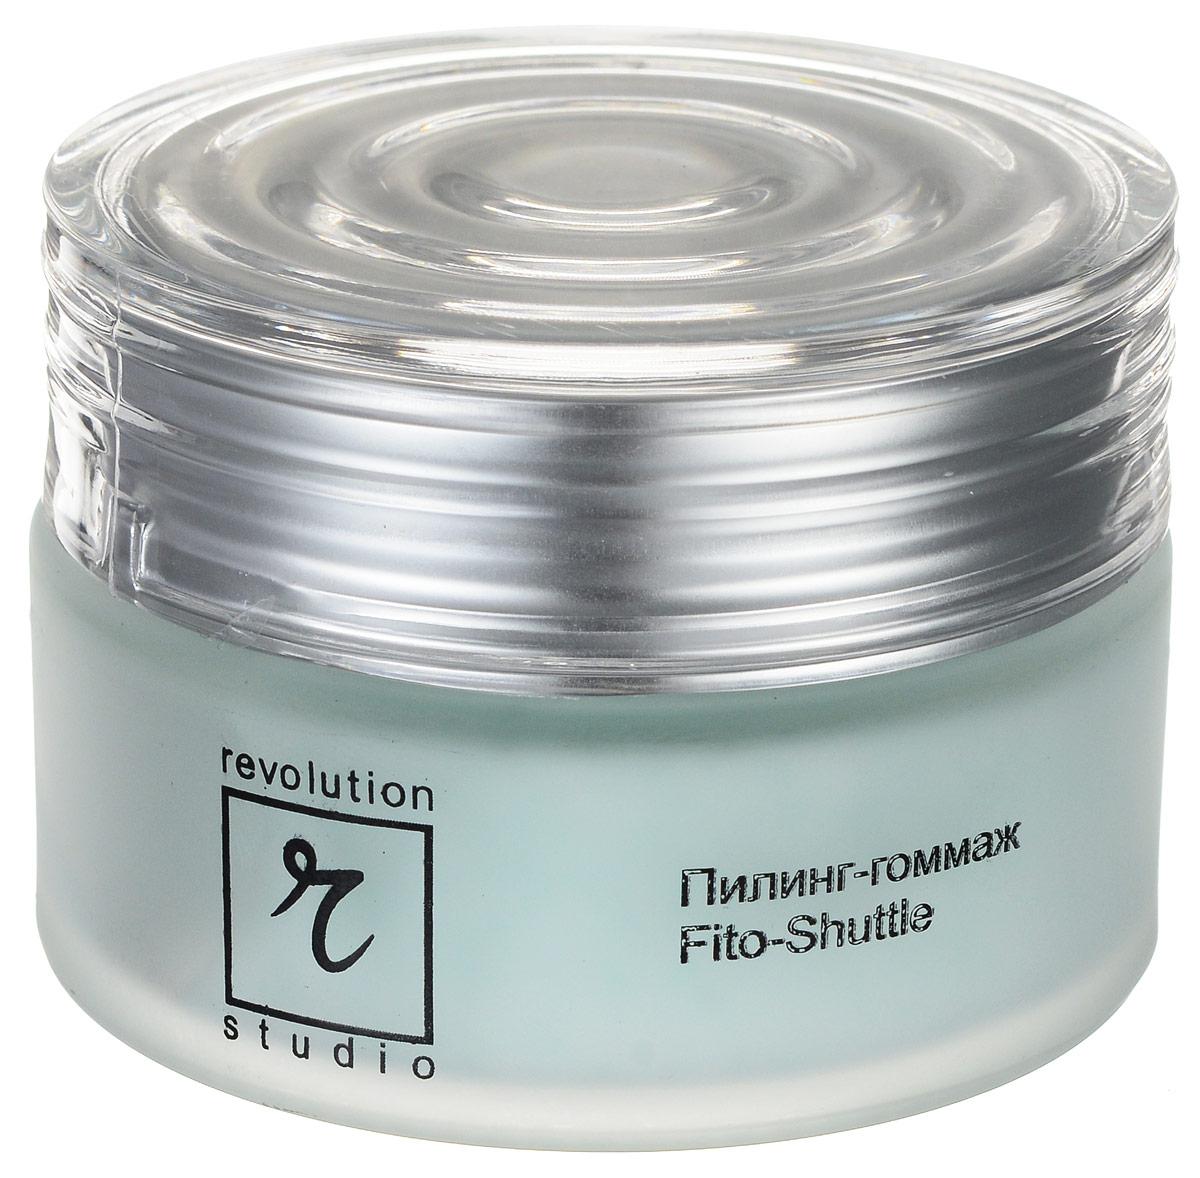 R-Studio Пилинг-гоммаж Fito-Shuttle с ВНА 50 мл2611 sОтличается быстрыми и заметными результатами, такими как выравнивание поверхности кожи, улучшение цвета кожи, восстановление ее мягкости, повышение упругости и эластичности. Скраб для нормальной и жирной кожи: мягко удаляет ороговевшие клетки, способствуя процессу регенерации кожи усиливает микроциркуляцию крови стягивает расширенные поры нормализует жировые выделения.